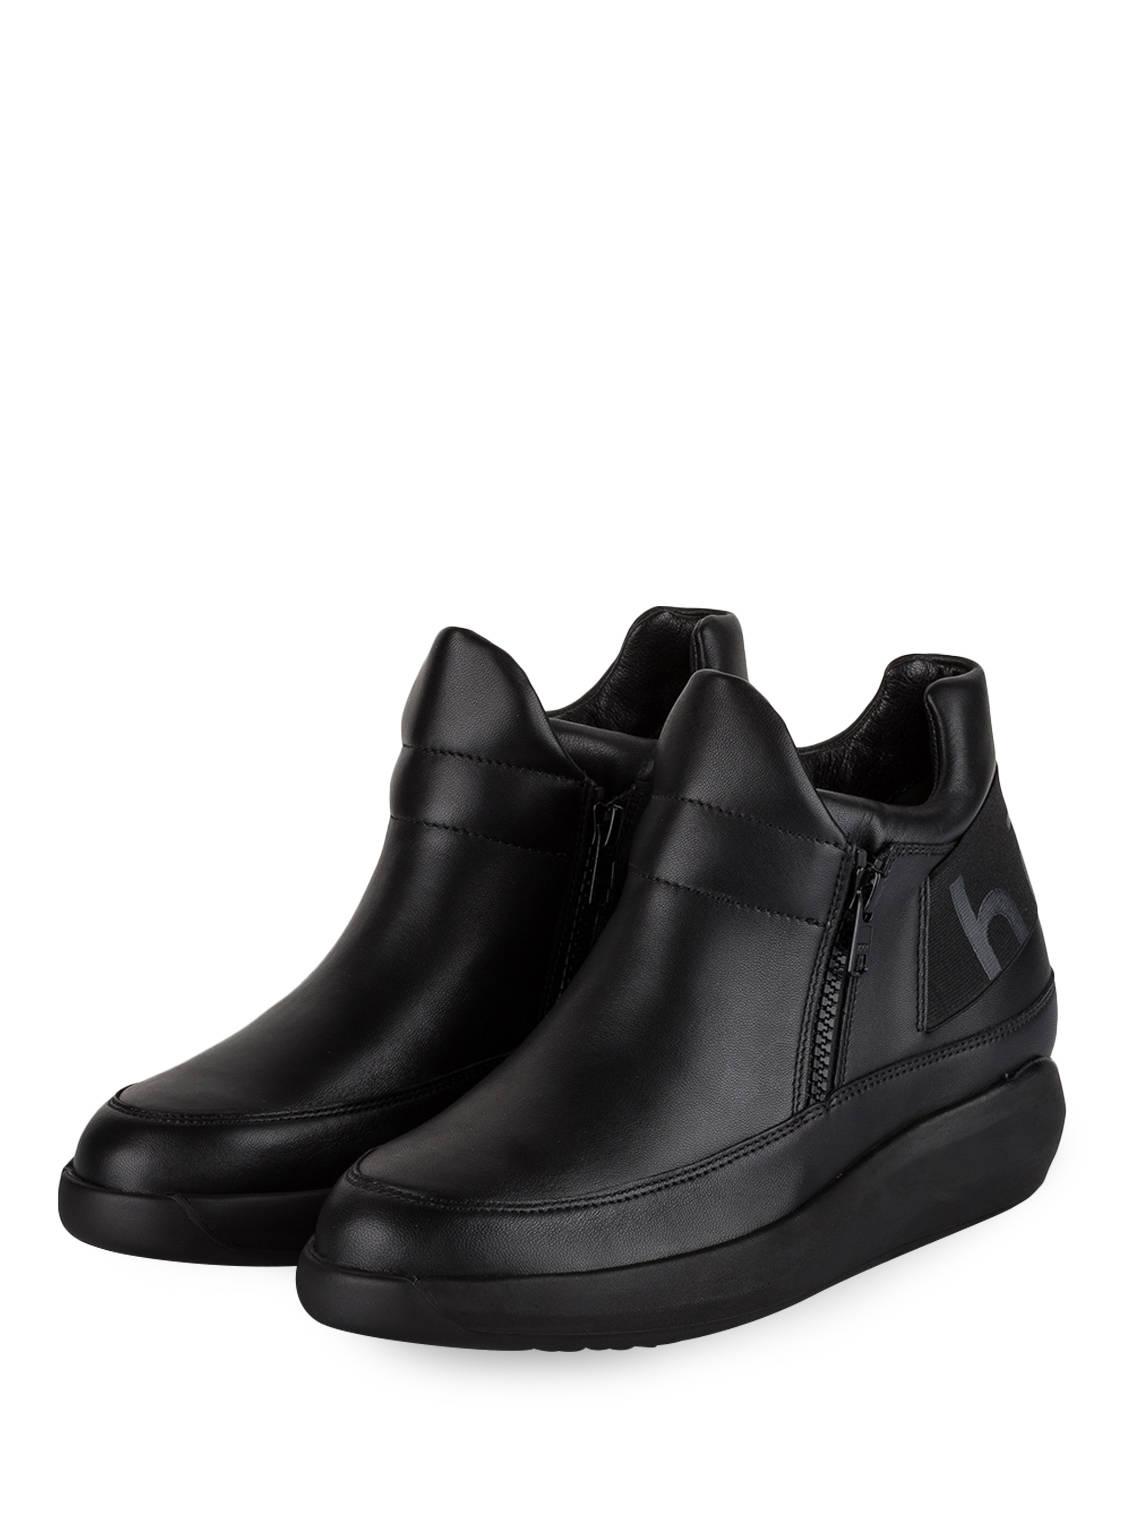 Högl Hightop-Sneaker FUTURGO